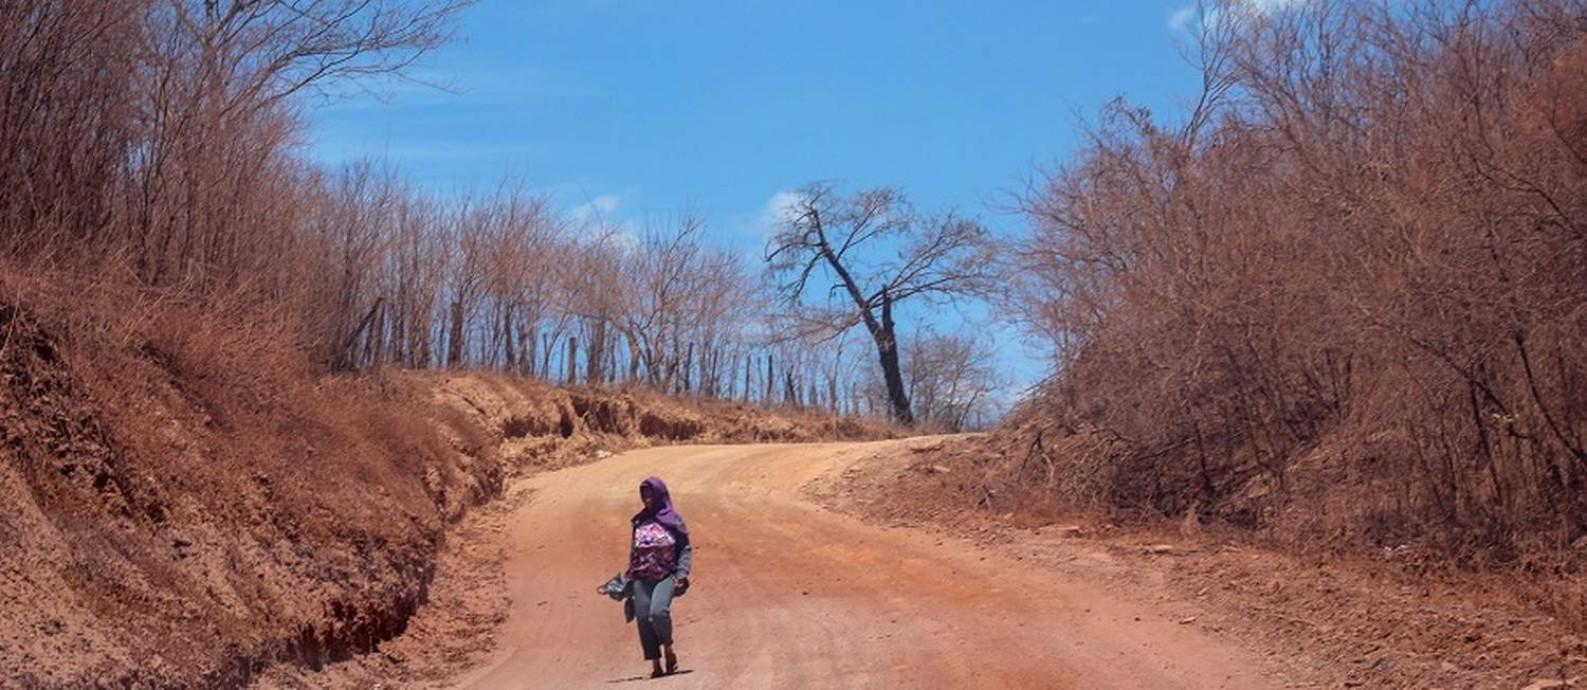 Mulher caminha em direção a Guaribas por estrada de terra. Foto: Manoel Ventura / Agência O Globo